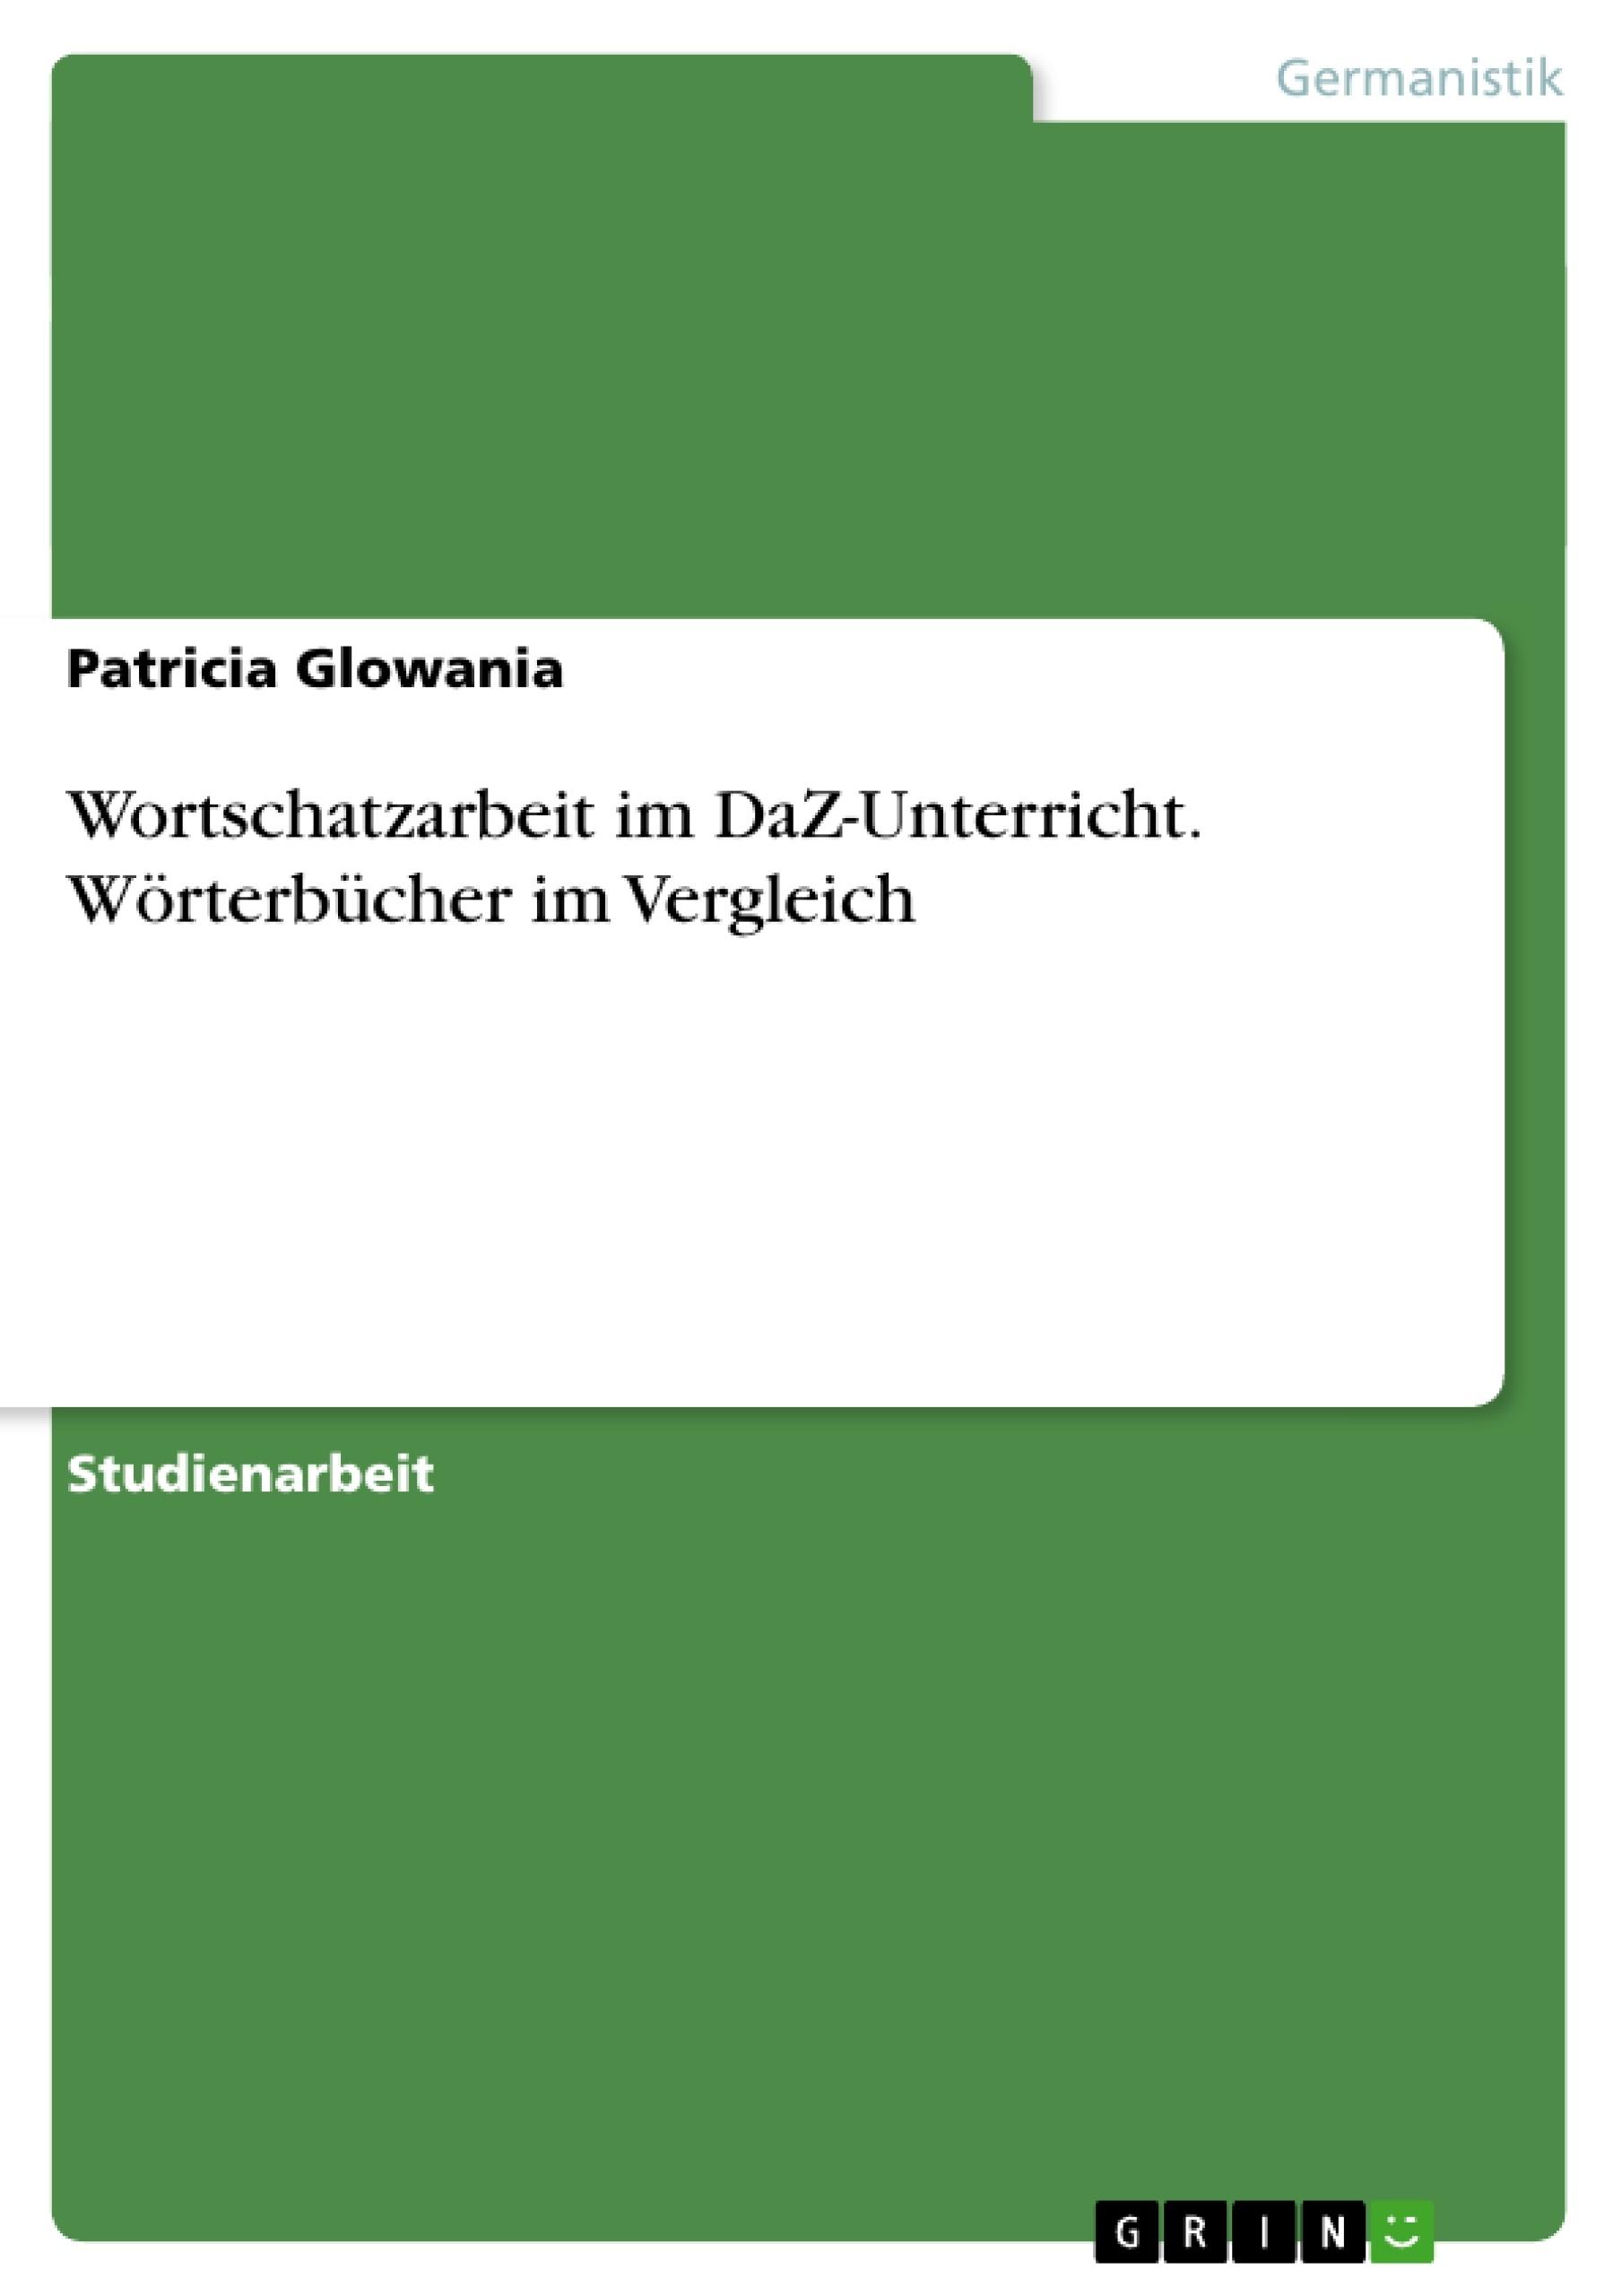 Titel: Wortschatzarbeit im DaZ-Unterricht. Wörterbücher im Vergleich